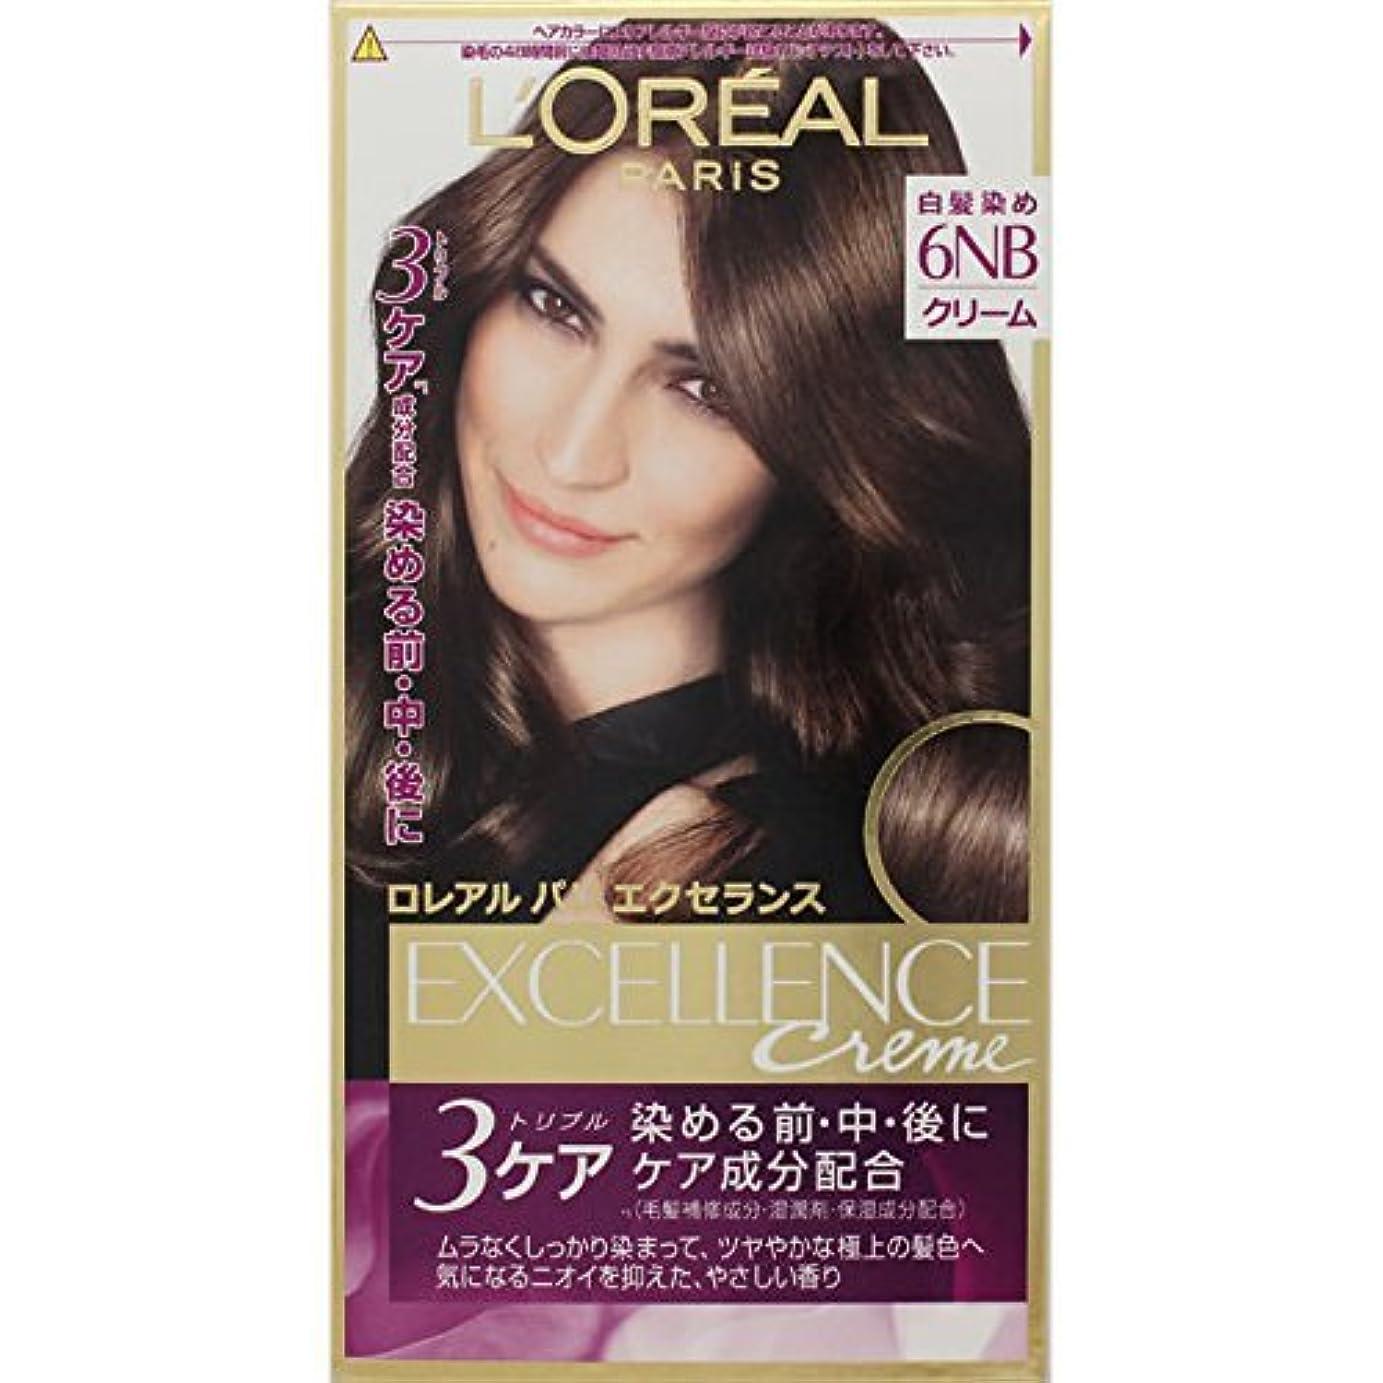 ロデオ過激派ハンサムロレアル パリ ヘアカラー 白髪染め エクセランス N クリームタイプ 6NB やや明るい自然な栗色